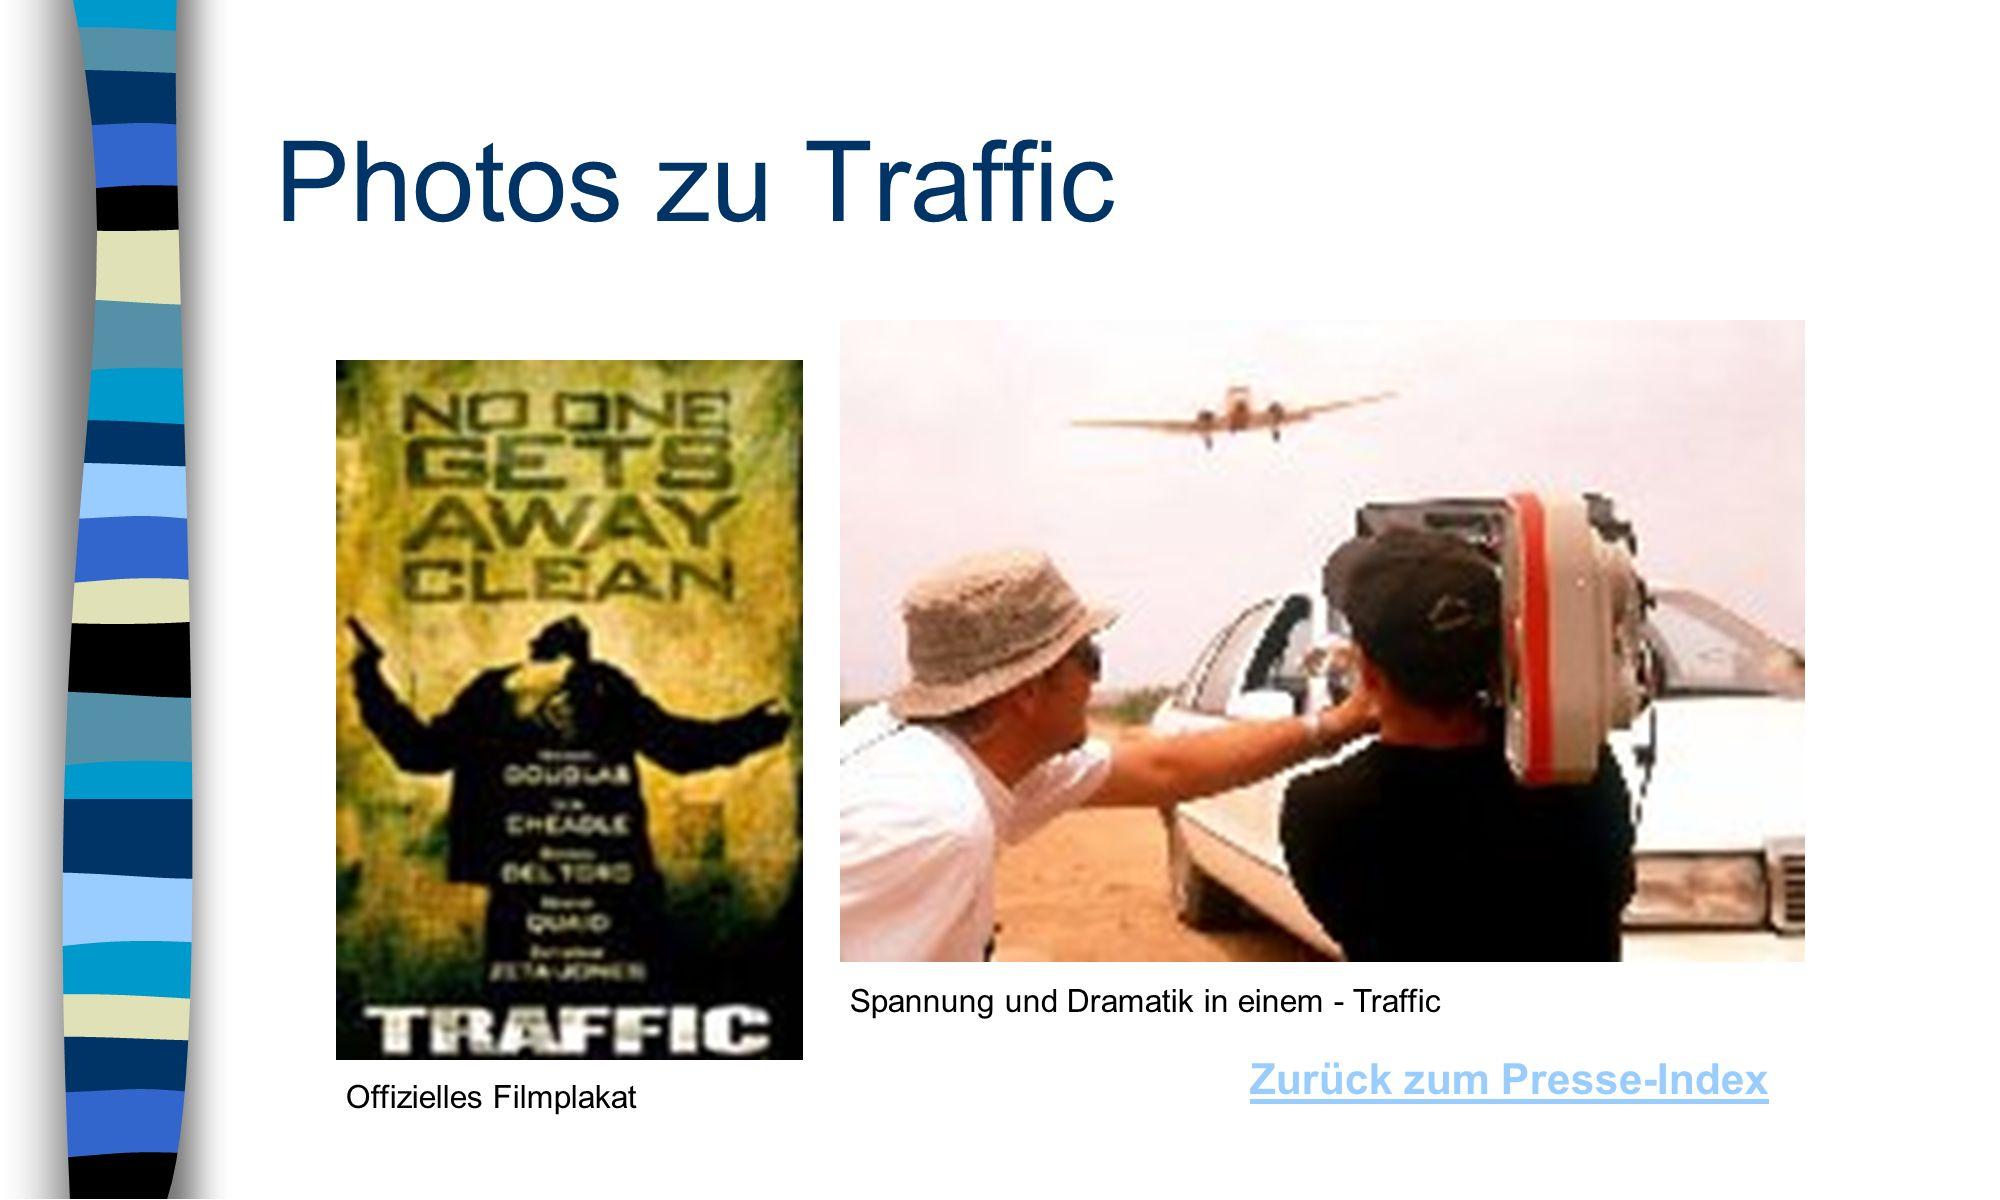 Photos zu Traffic Zurück zum Presse-Index Offizielles Filmplakat Spannung und Dramatik in einem - Traffic